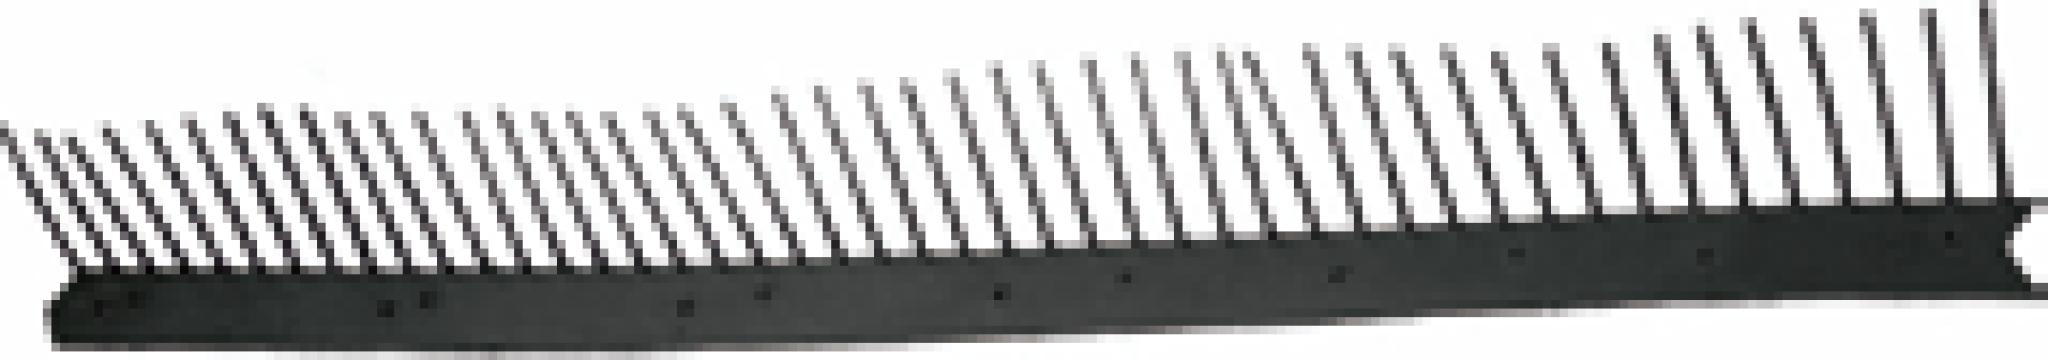 Accesorii pentru streasina si coama Tondach de la Astek Concept Construct